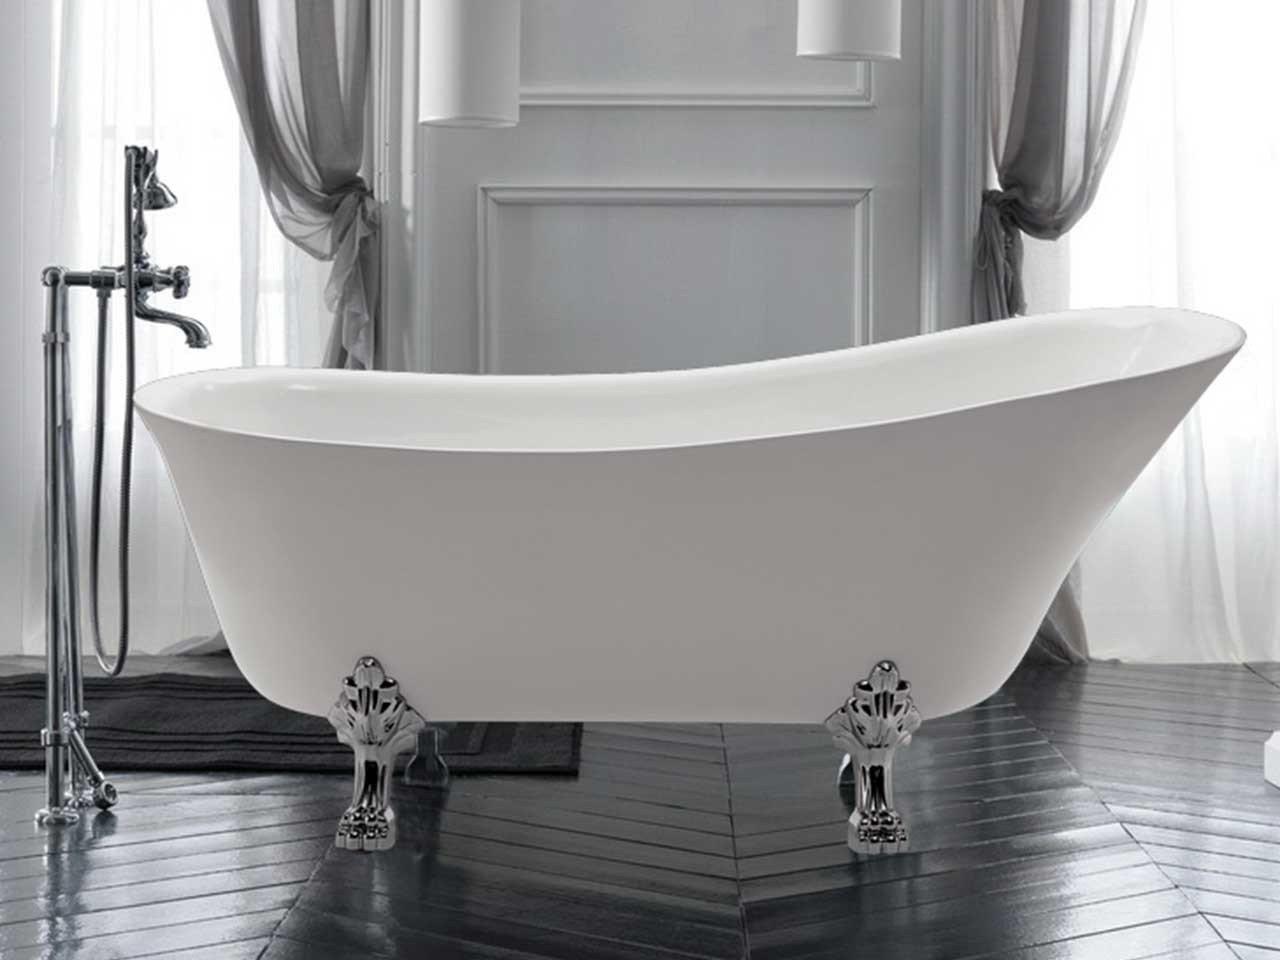 Vasca deco 1700x720 piedi inclusi iperceramica - Vasca da bagno piedini ...